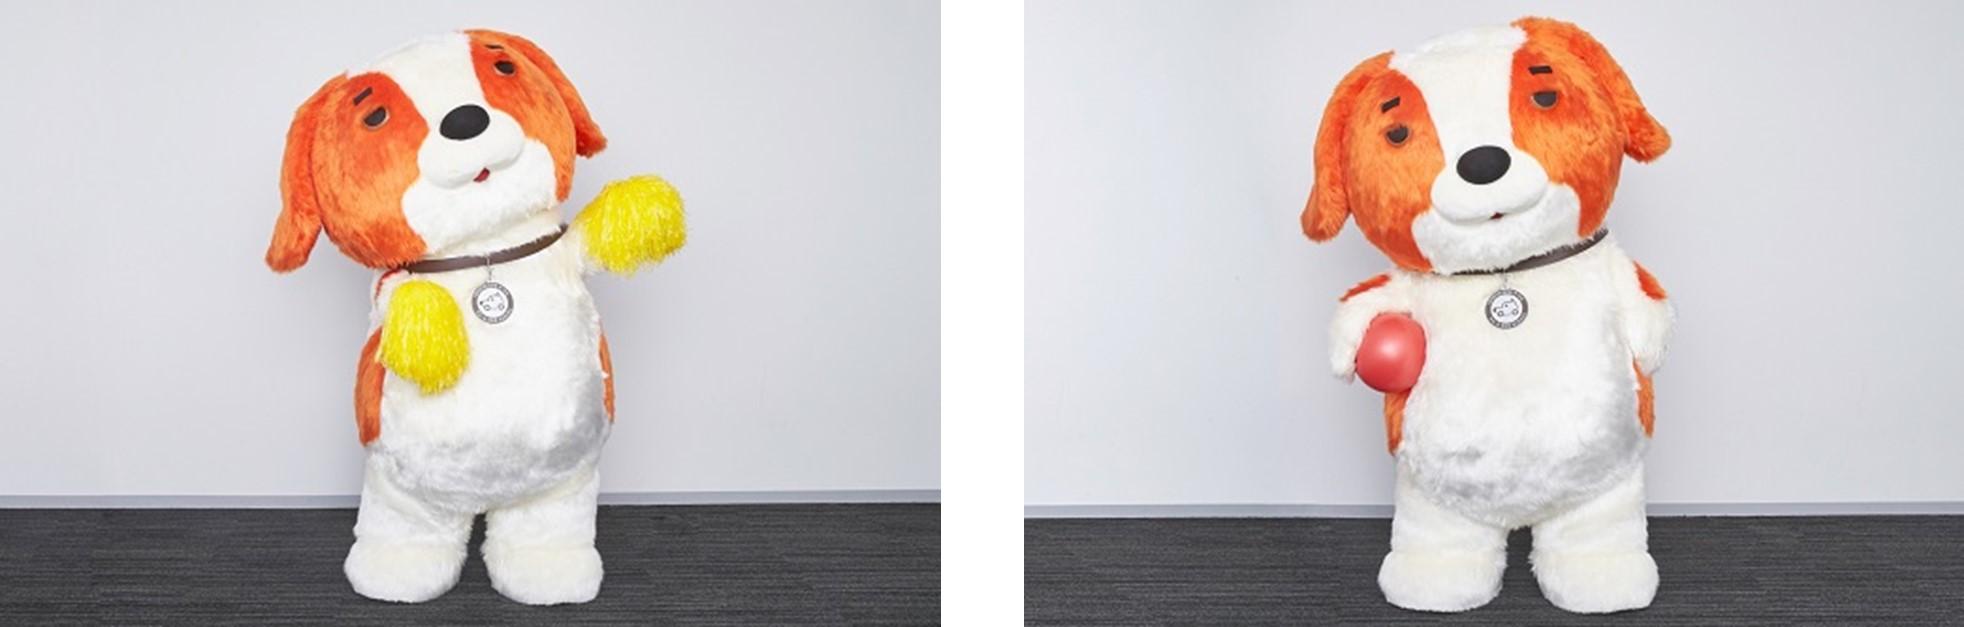 (左) はしゃぐワンサー。テンション低くない?<br /> (右) はしゃぐワンサー。やっぱりテンション低くない?!